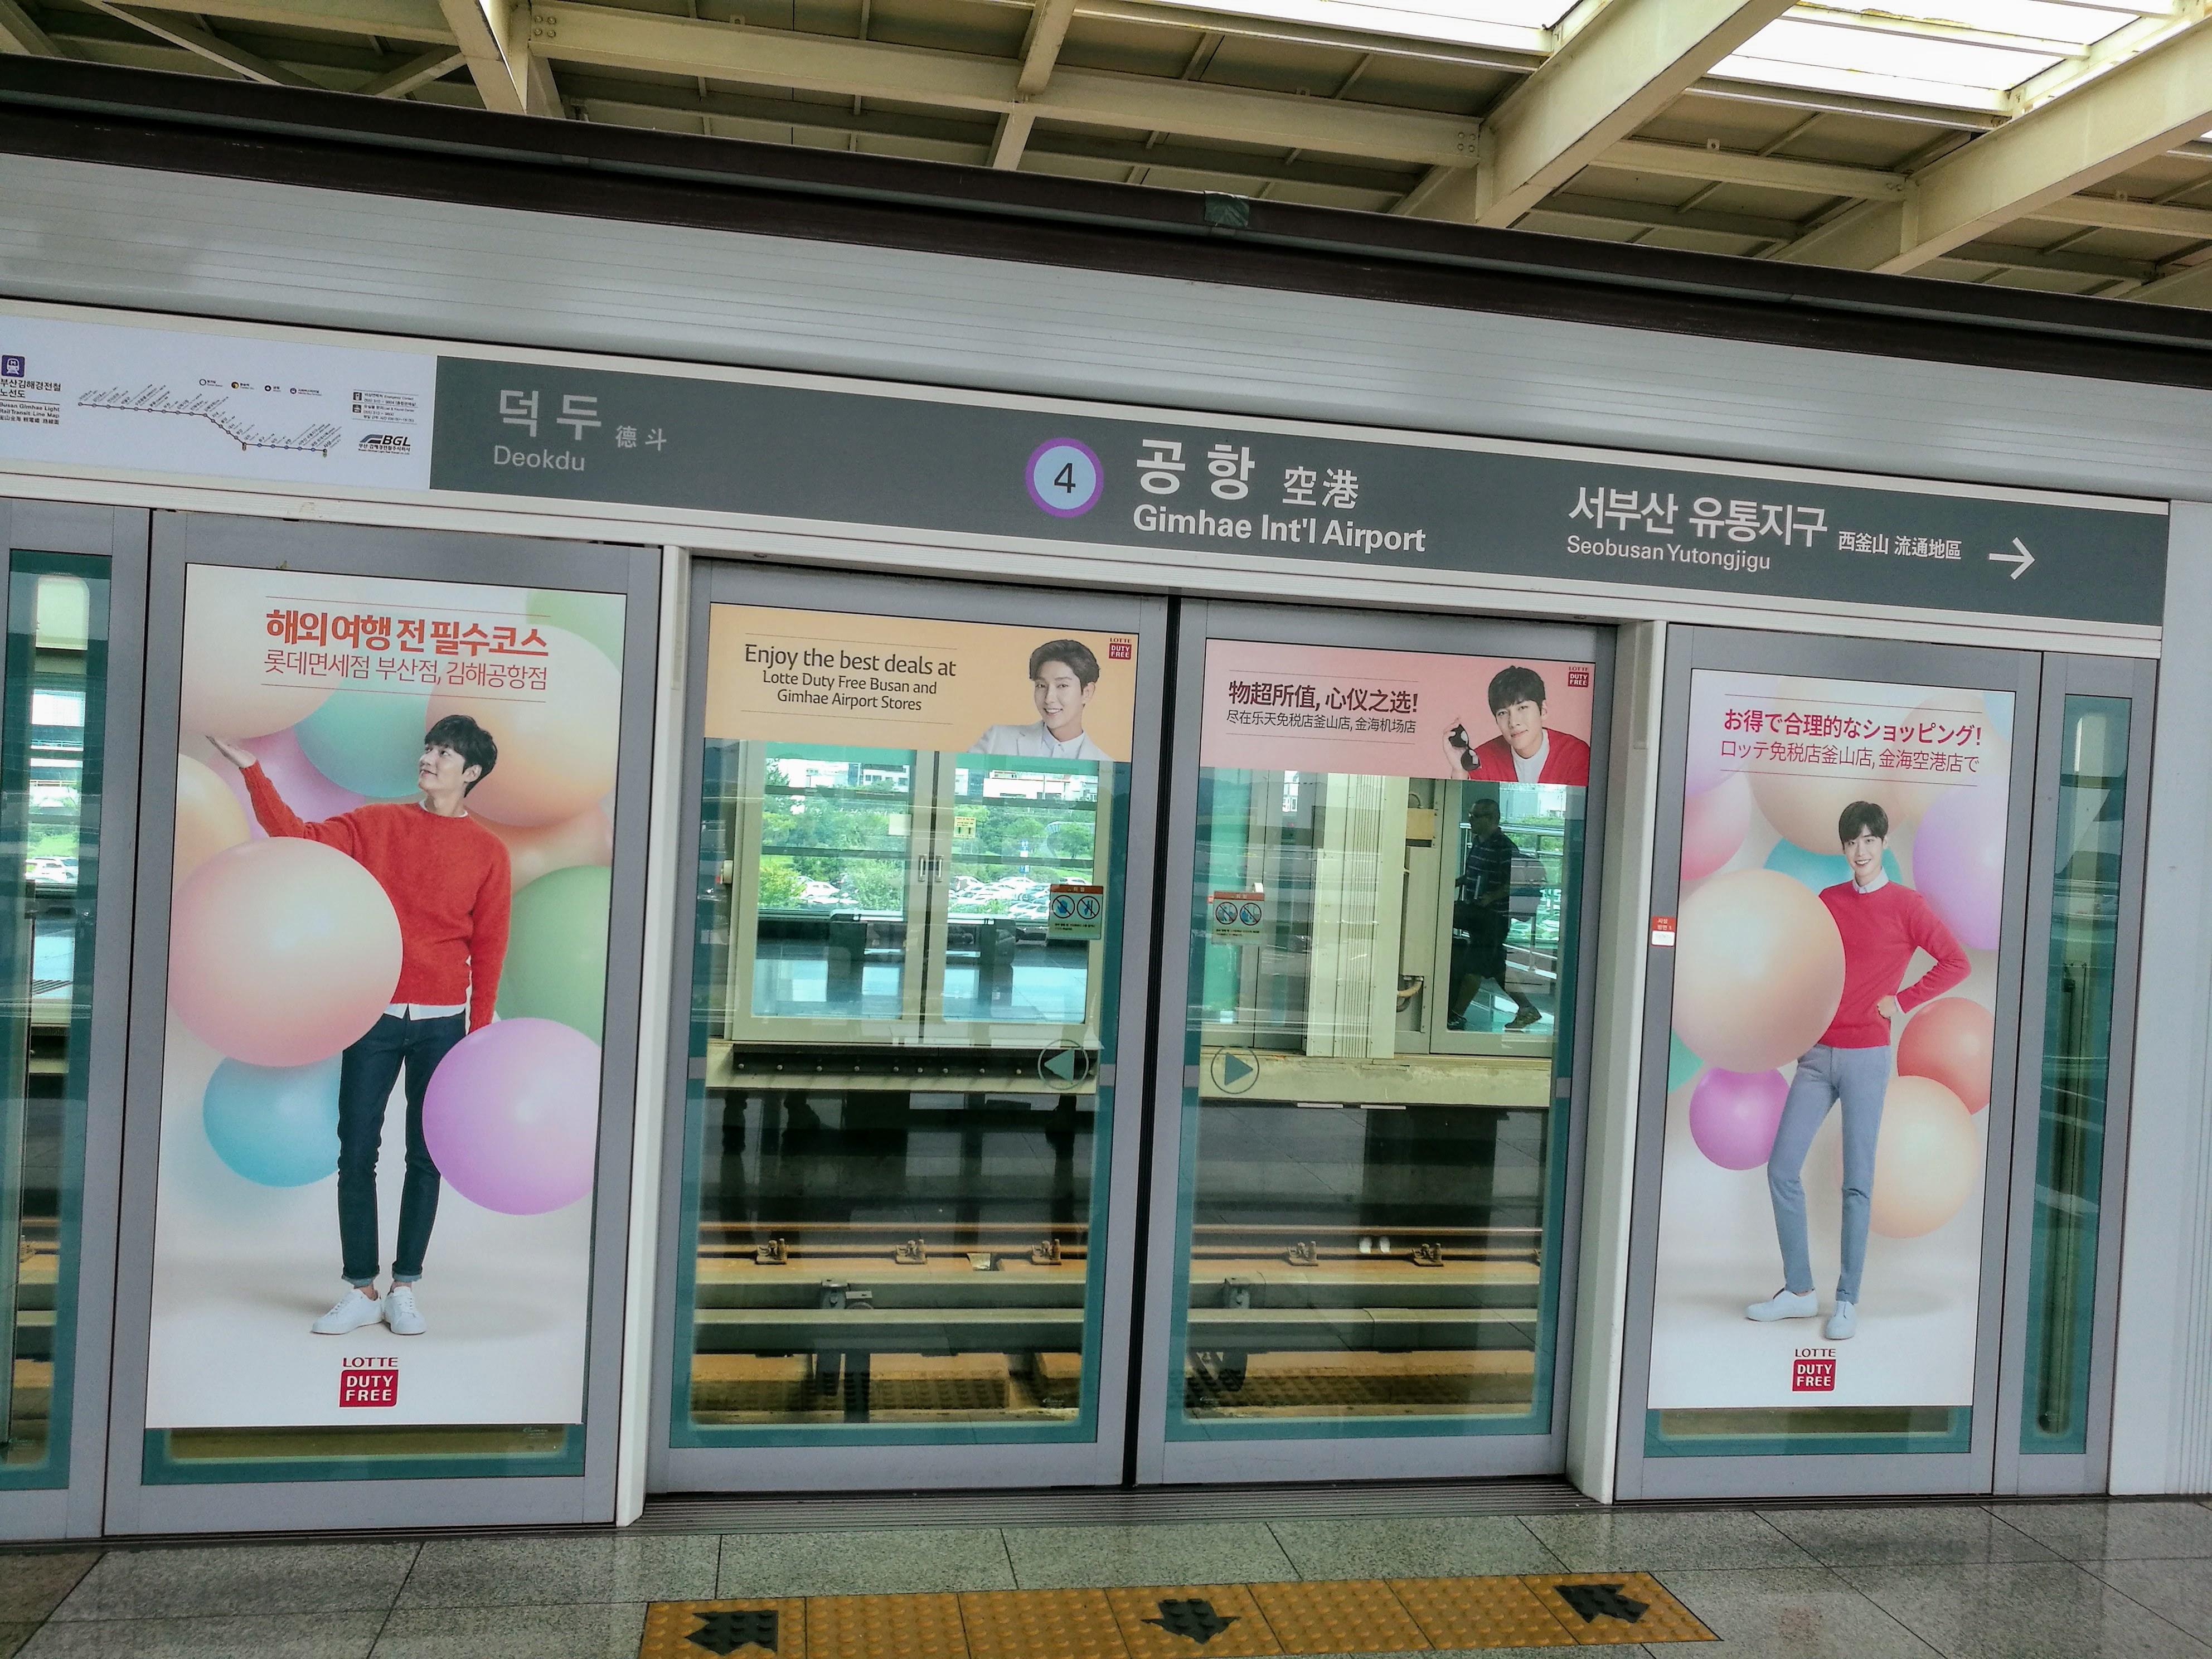 Ez már a puszani metró állomása a Kimhe nemzetközi repülőtérnél. Mindenütt mindenütt sztárokkal kiplakátolva.